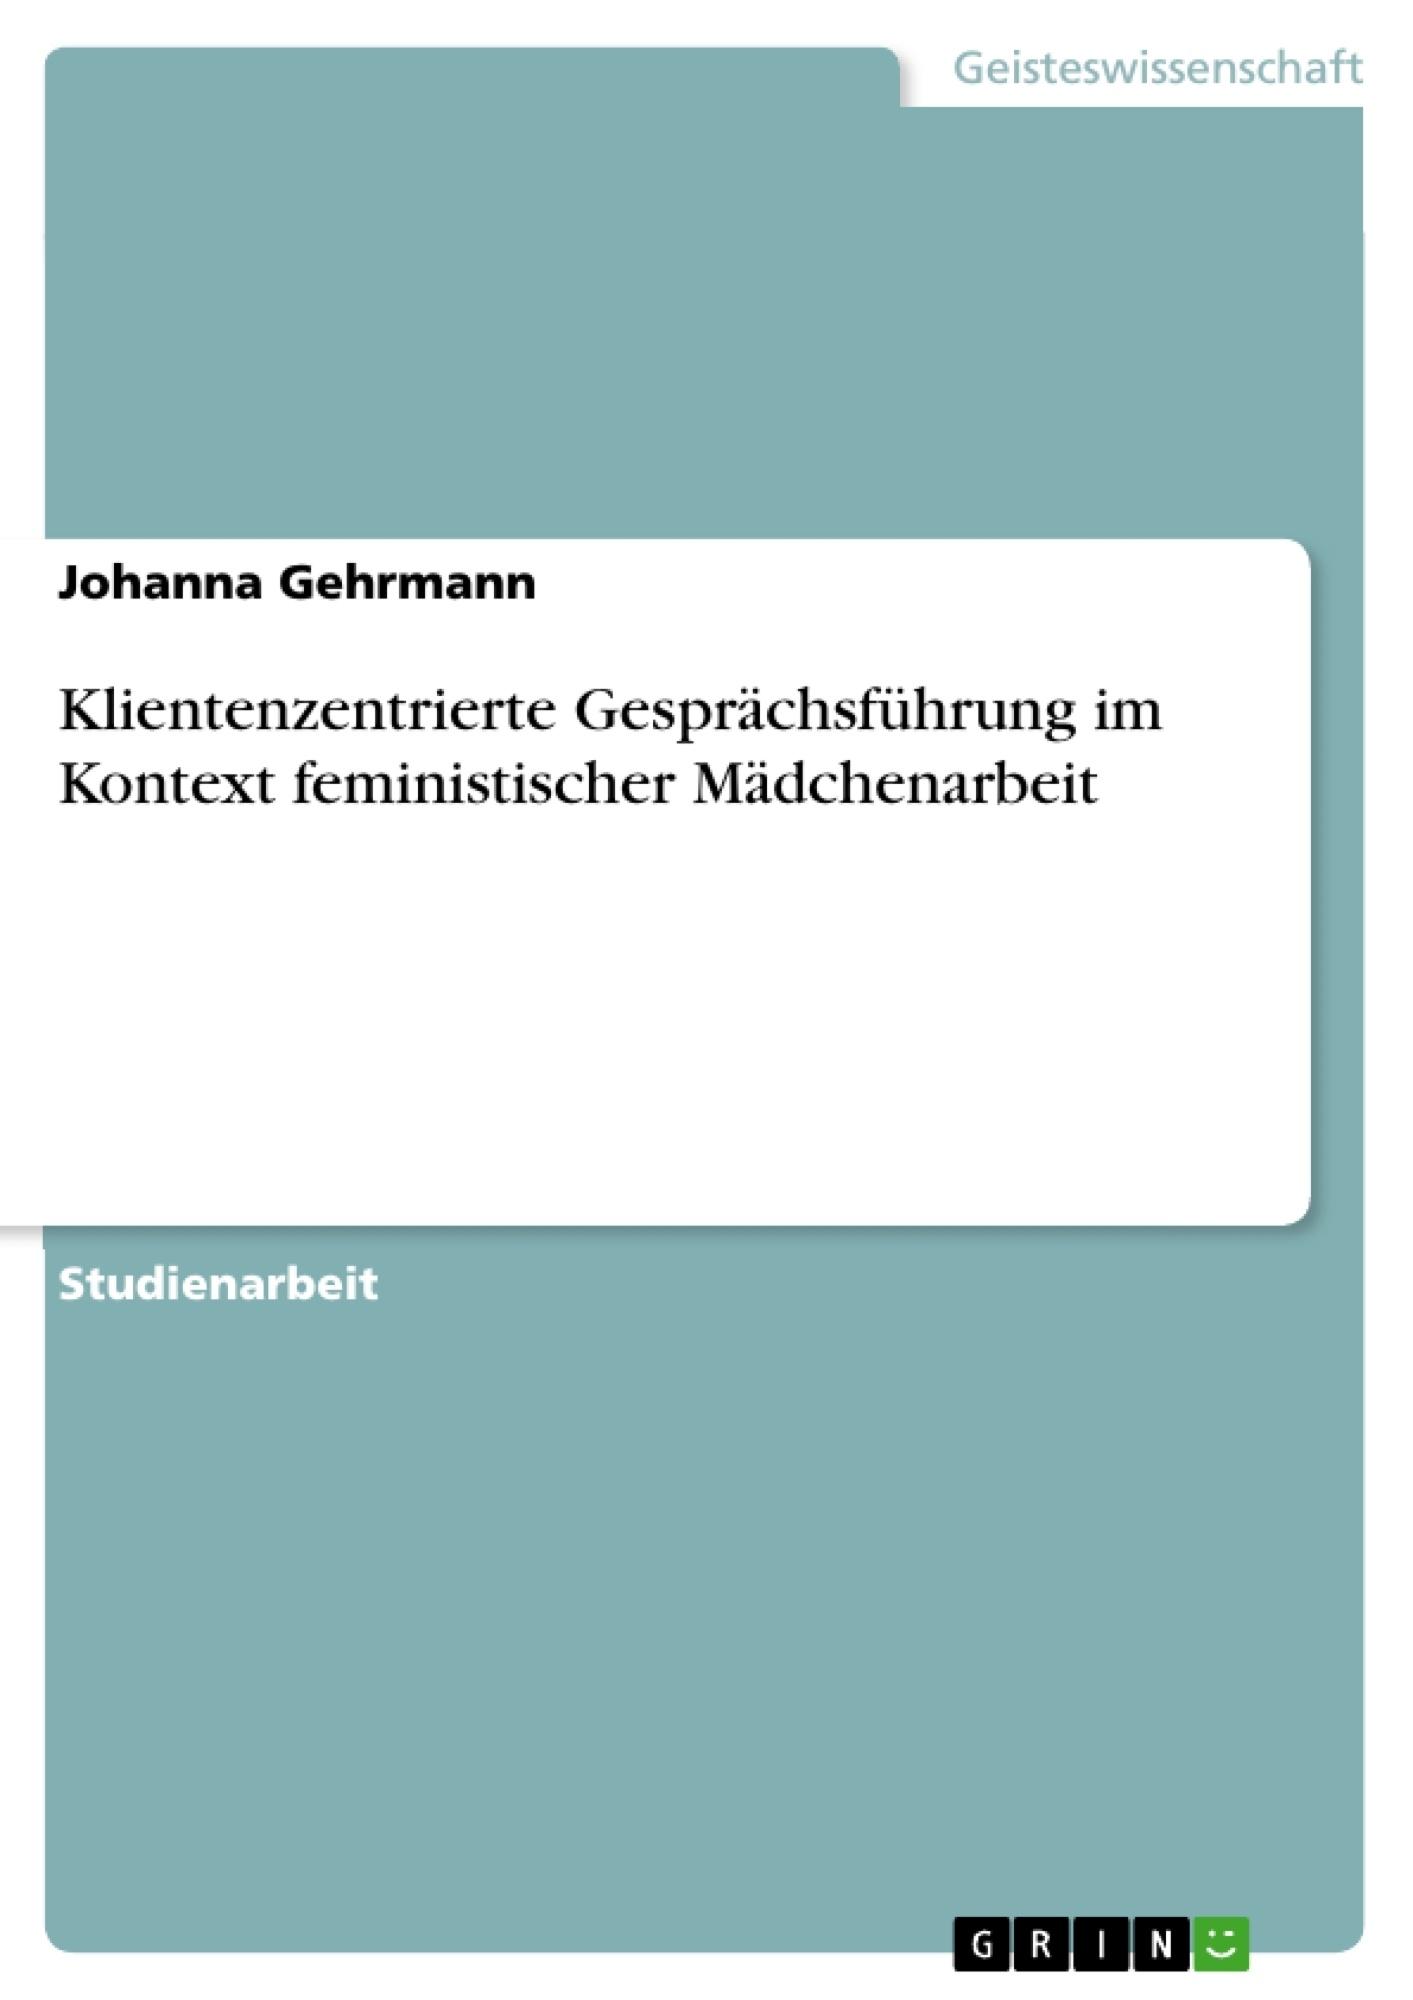 Titel: Klientenzentrierte Gesprächsführung im Kontext feministischer Mädchenarbeit